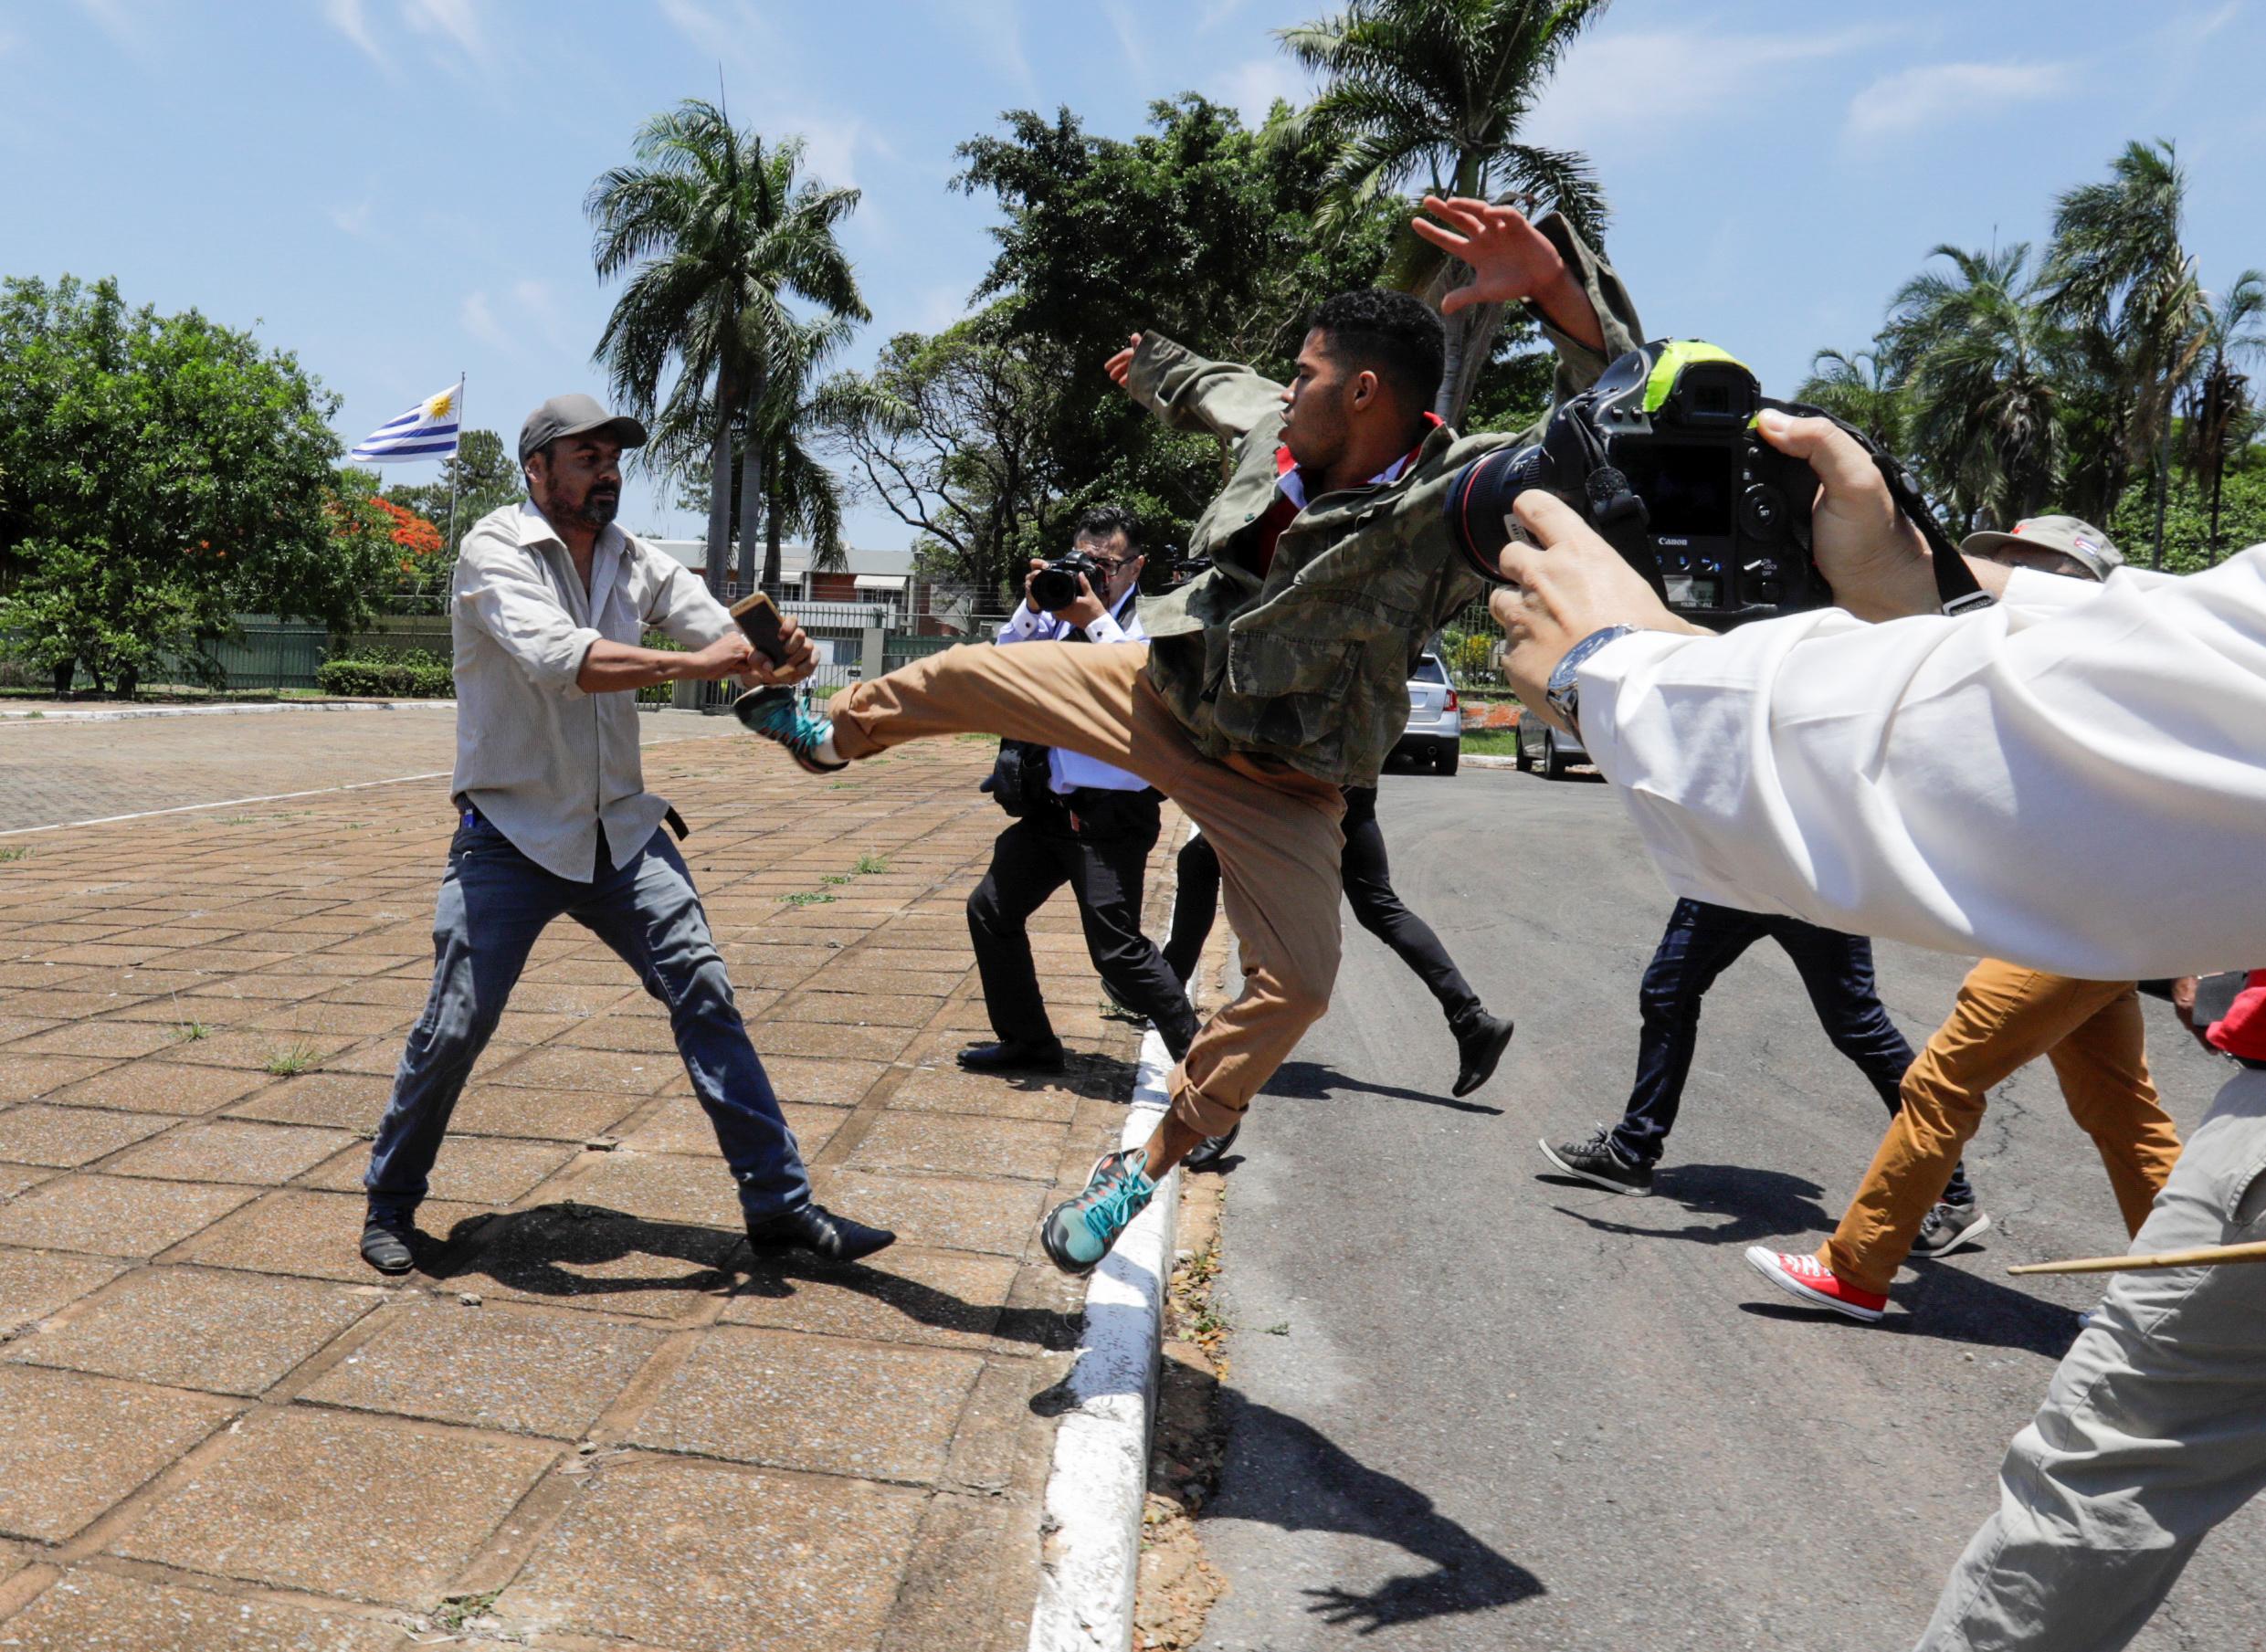 Incidentes en las afueras de la embajada: agreden a un seguidor de Guaidó